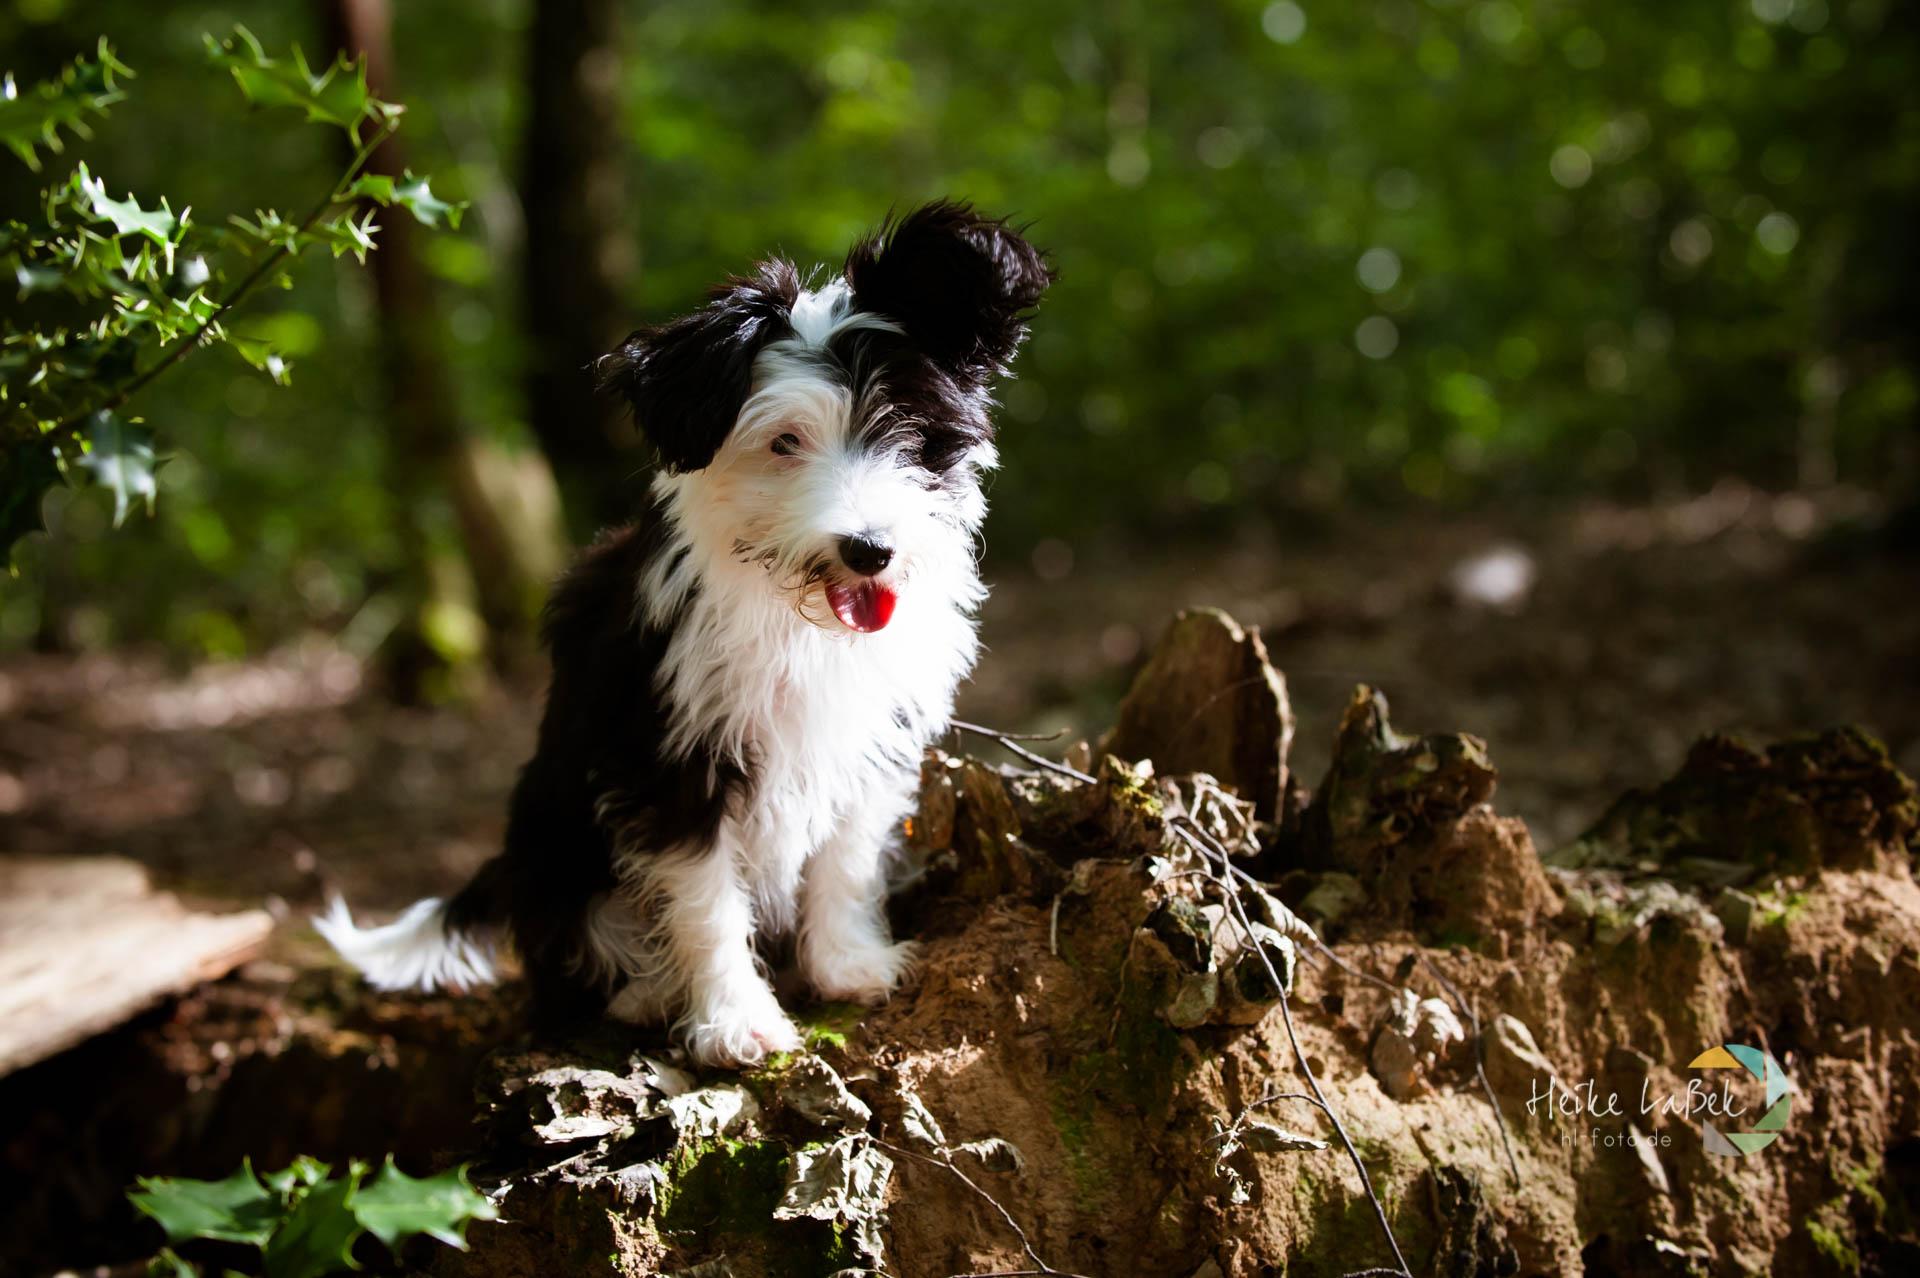 Powder Puff - Chinesischer Schopfhund auf einer Baumwurzel